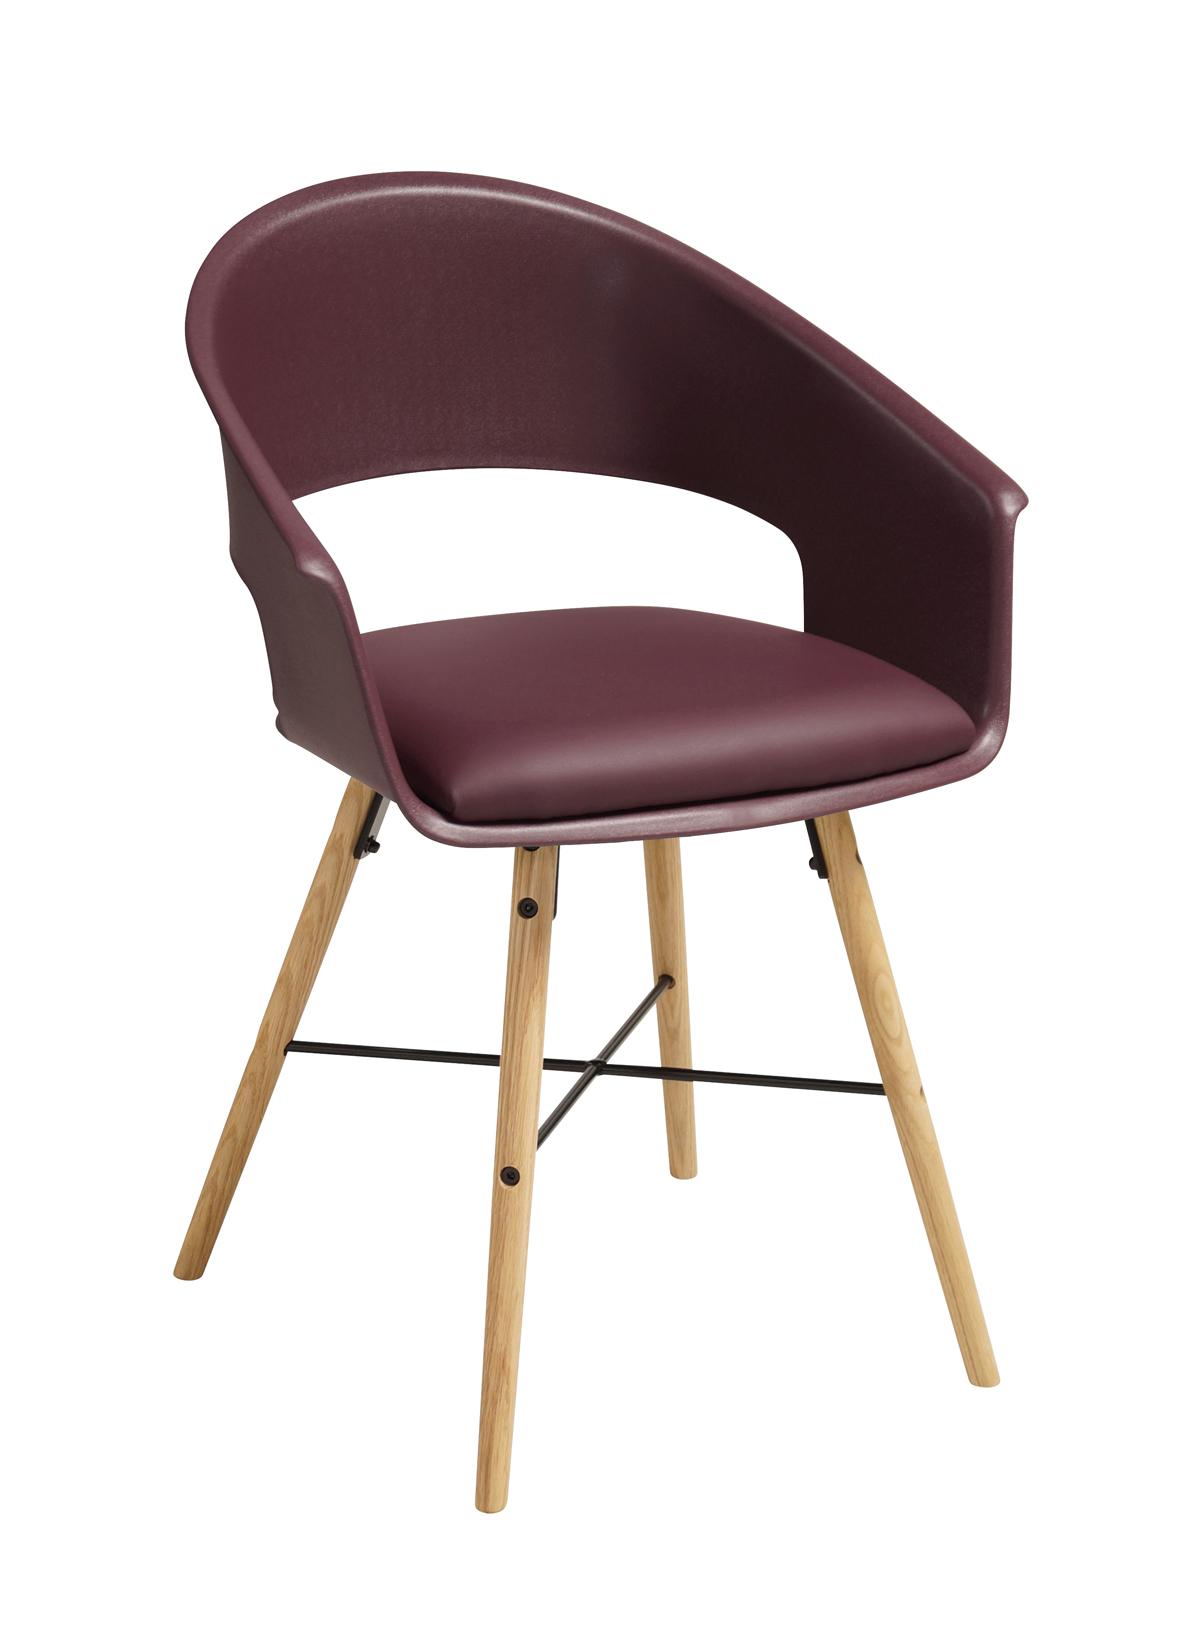 Ivar 10 Spisebordsstol m. burgundy red sæde - Natur